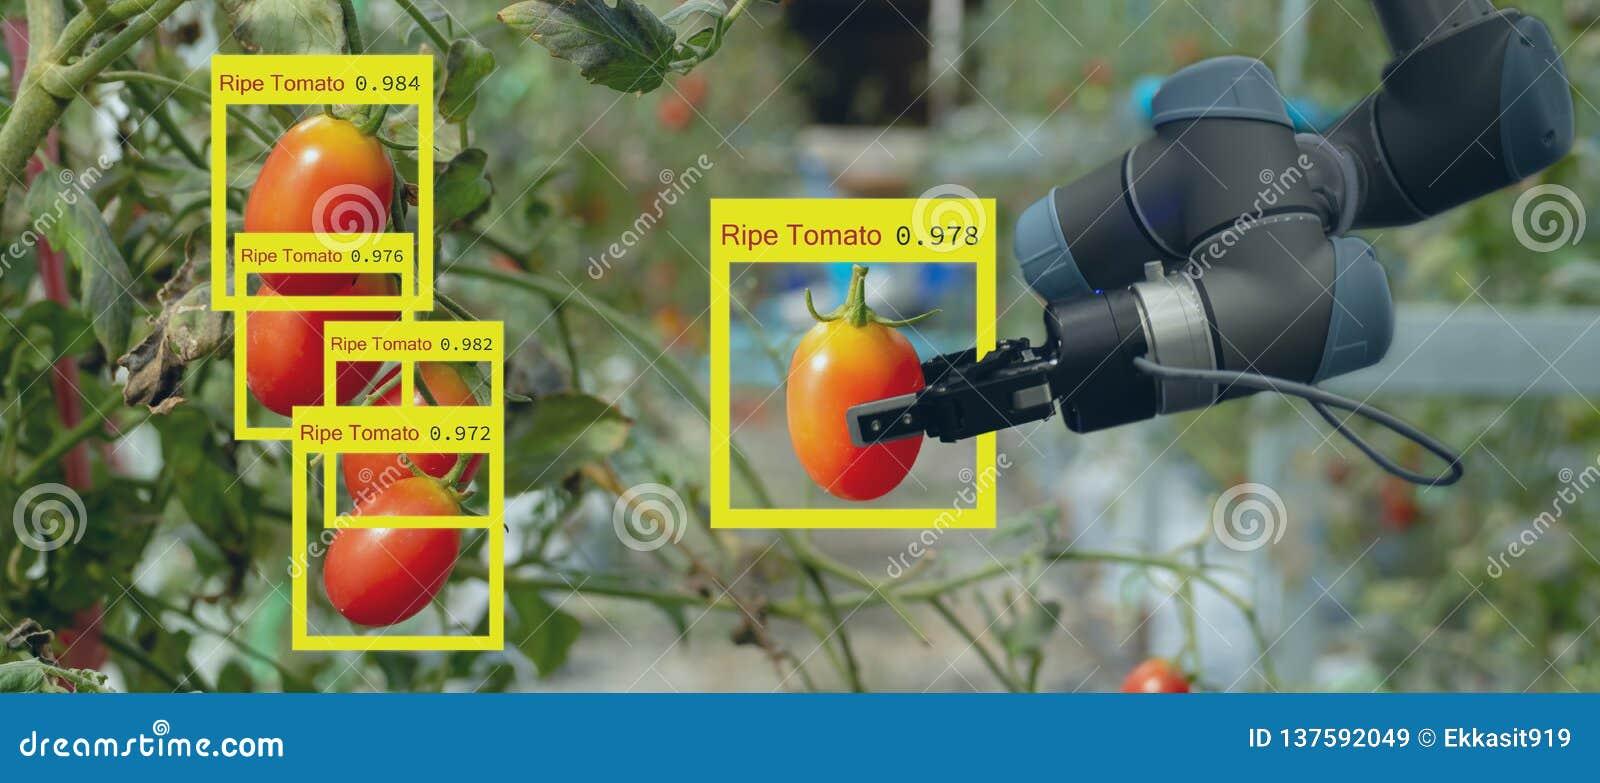 Έξυπνος ρομποτικός στη φουτουριστική έννοια γεωργίας, αυτοματοποίηση αγροτών ρομπότ πρέπει να προγραμματιστεί για να εργαστεί για